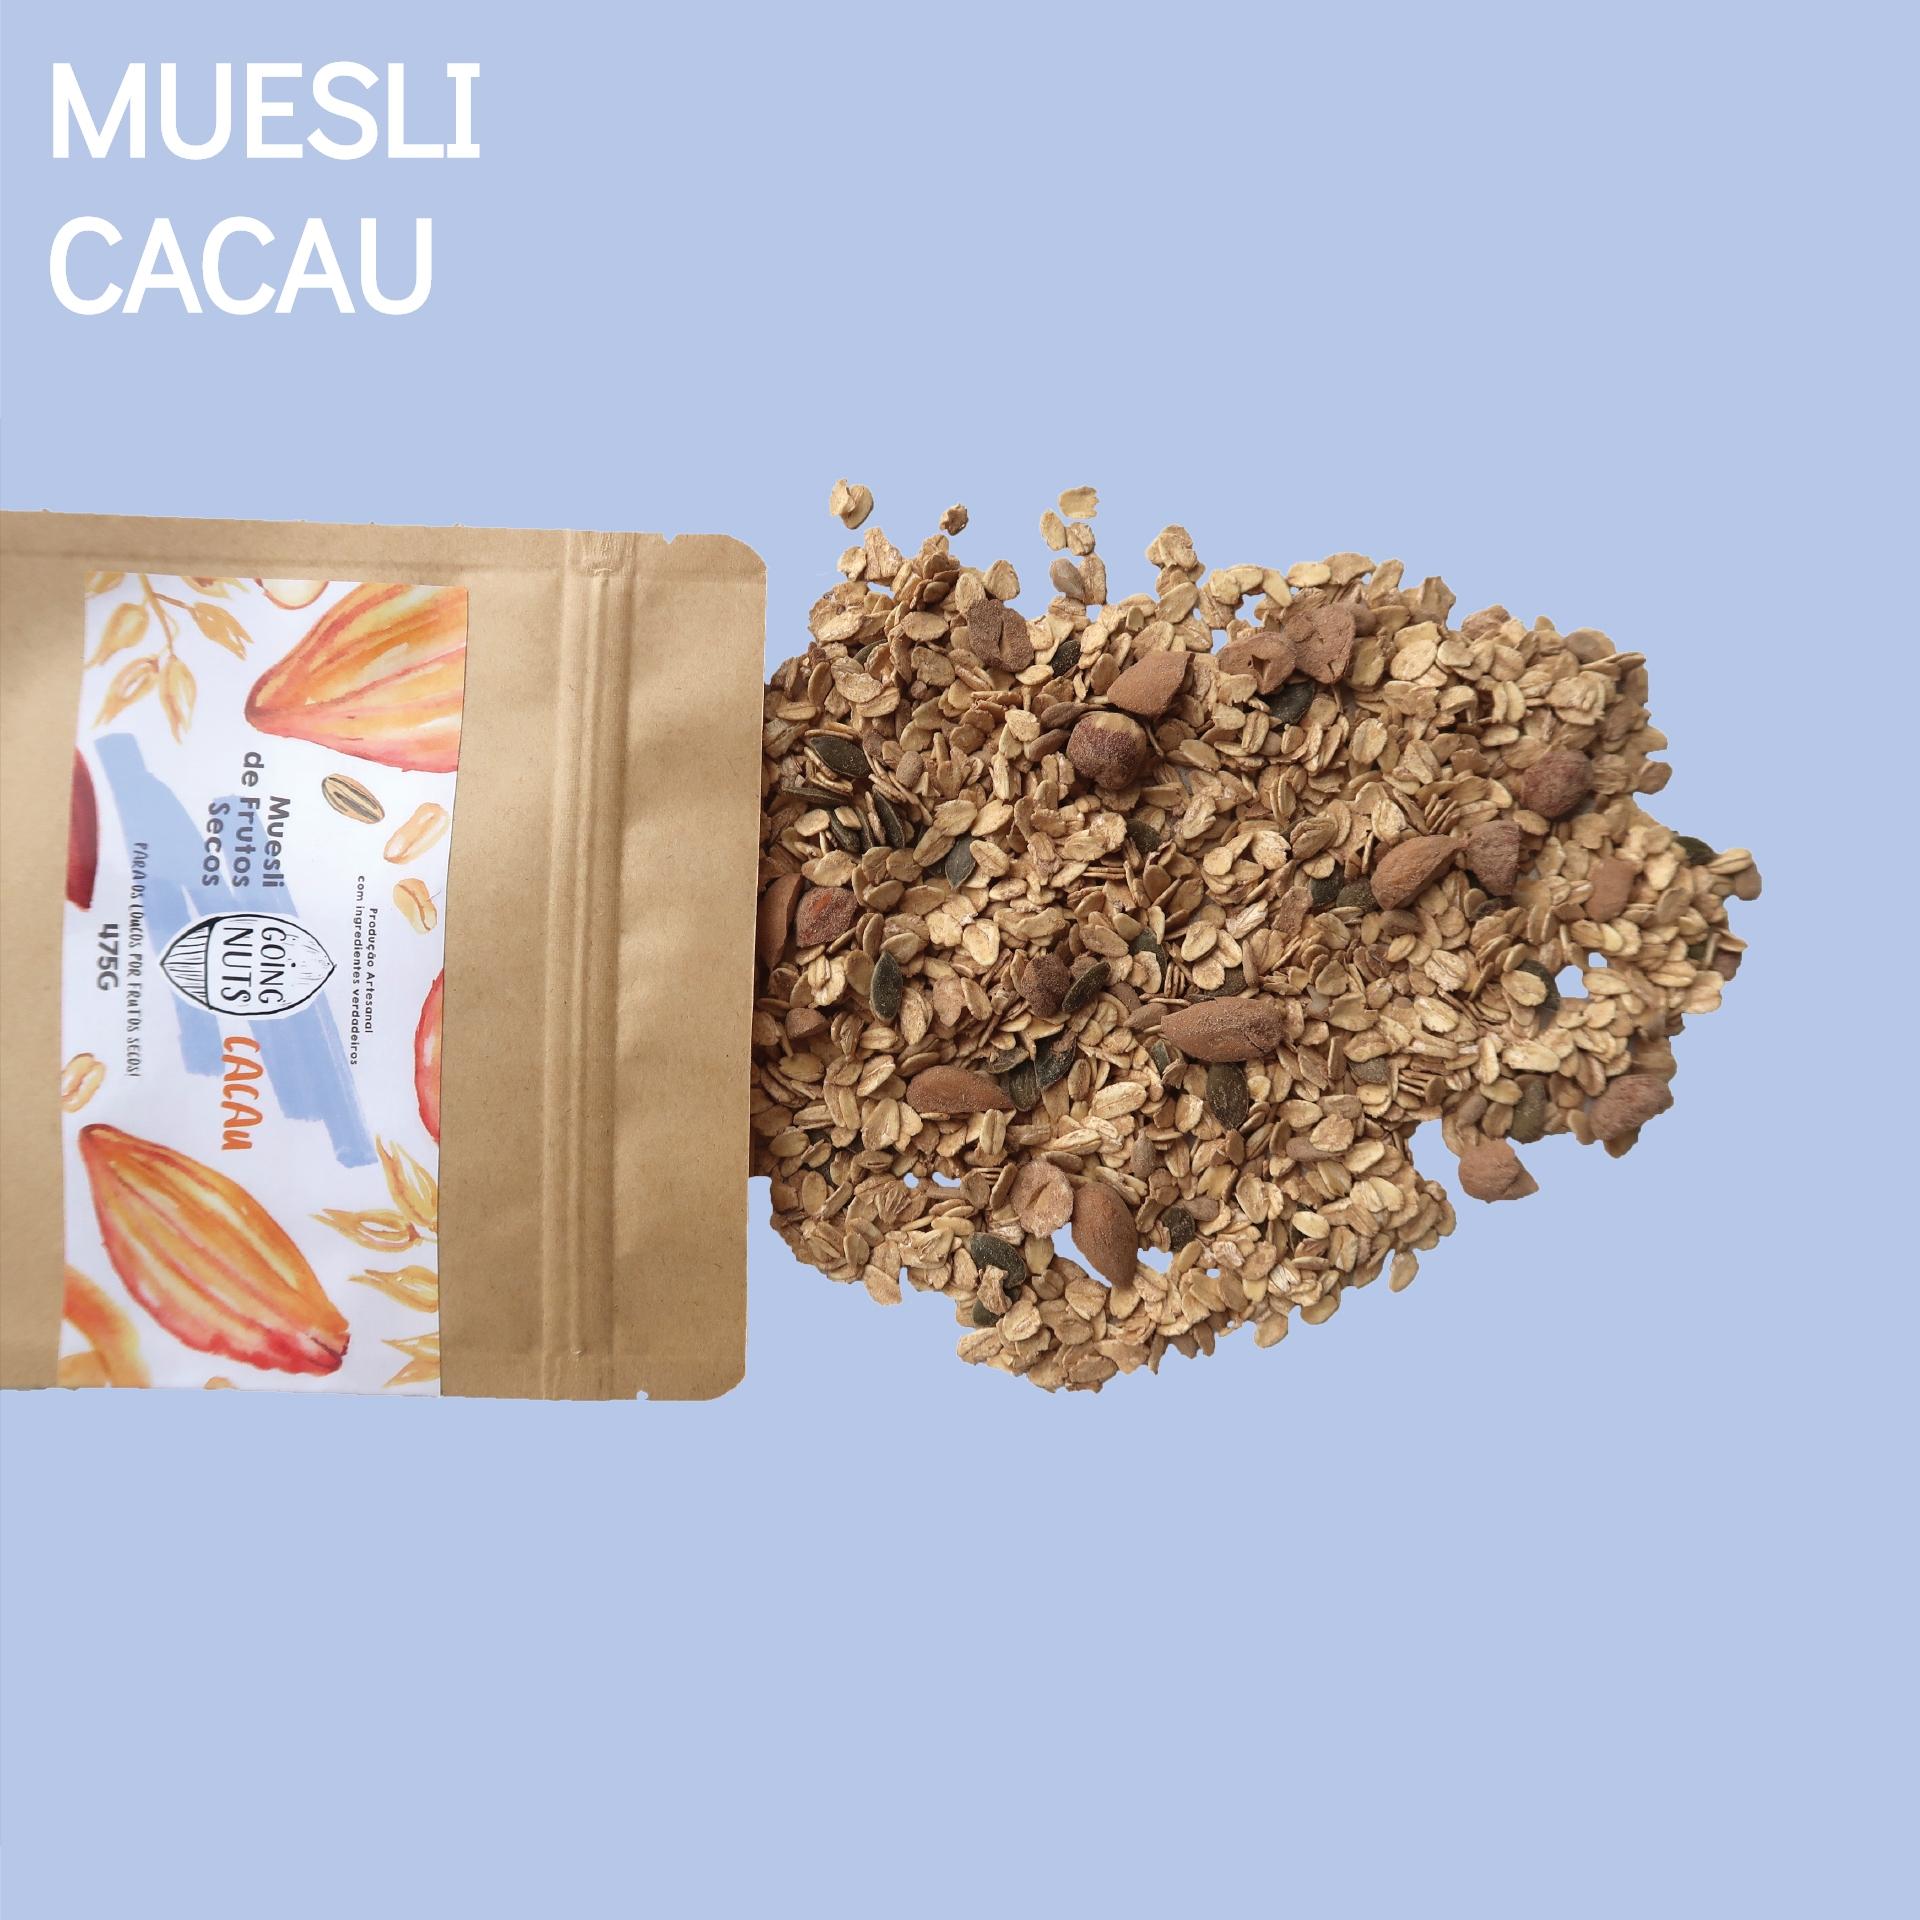 Muesli Cacau   475G